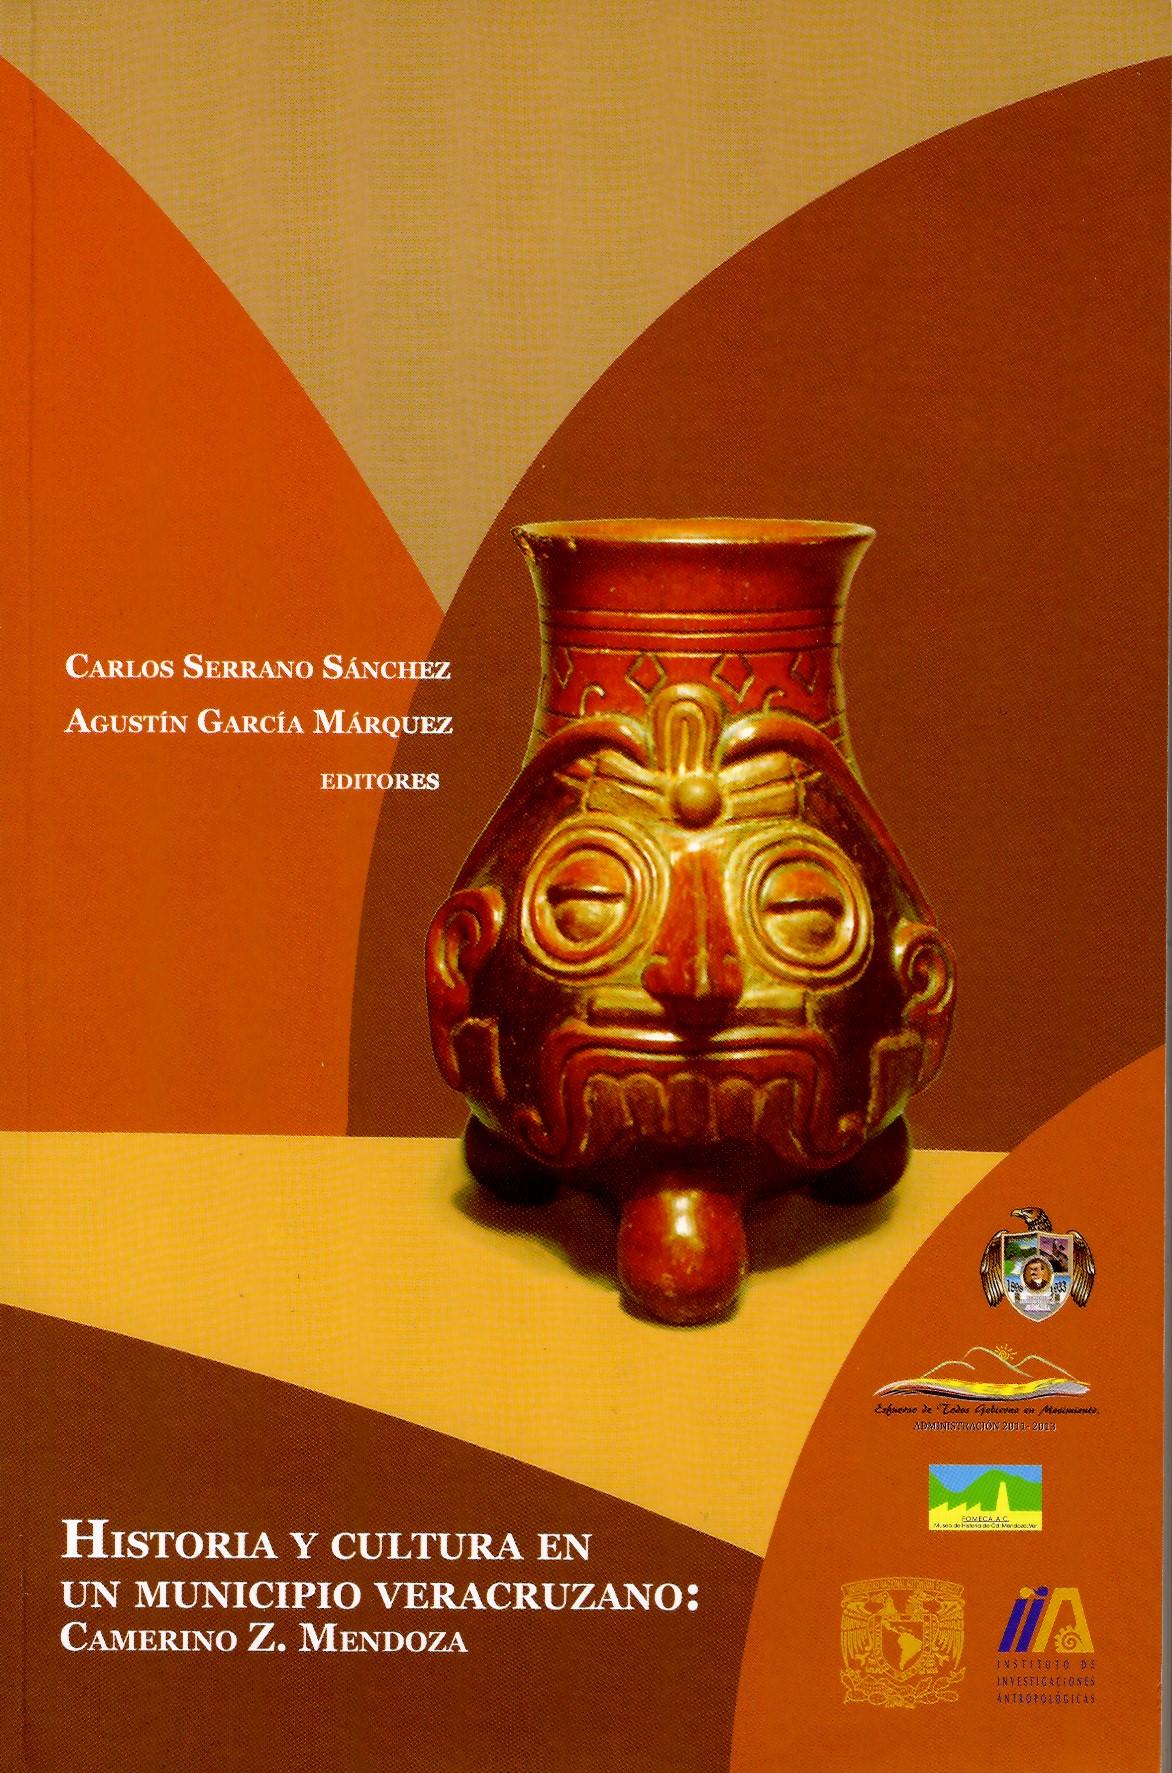 Historia y cultura en un municipio veracruzano: Camerino Z. Mendoza